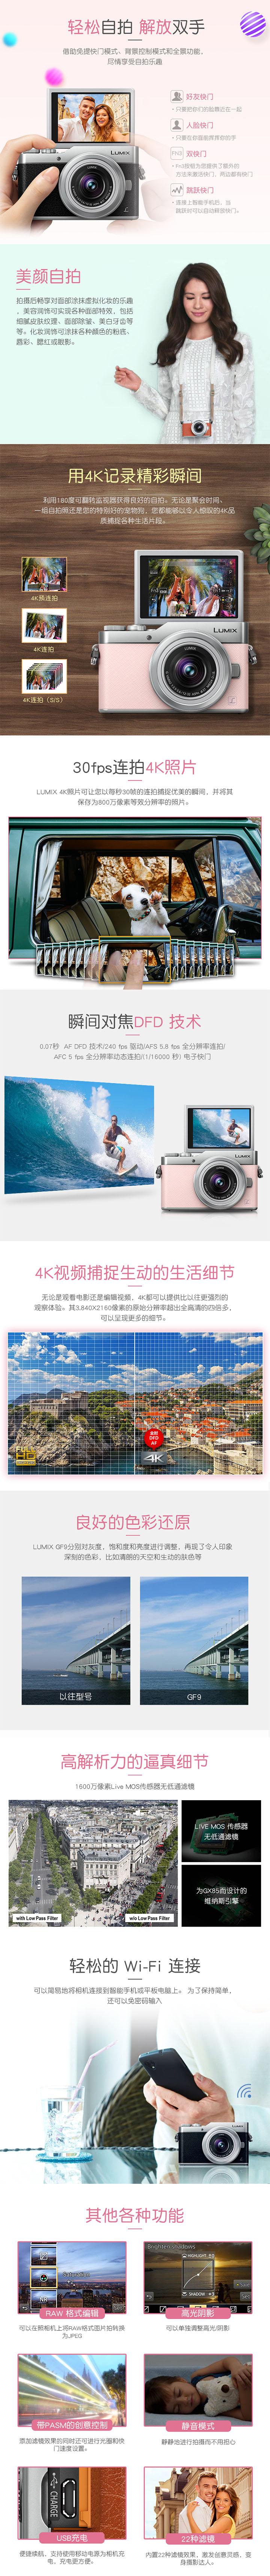 松下GF9微型单电相机免费试用,评测